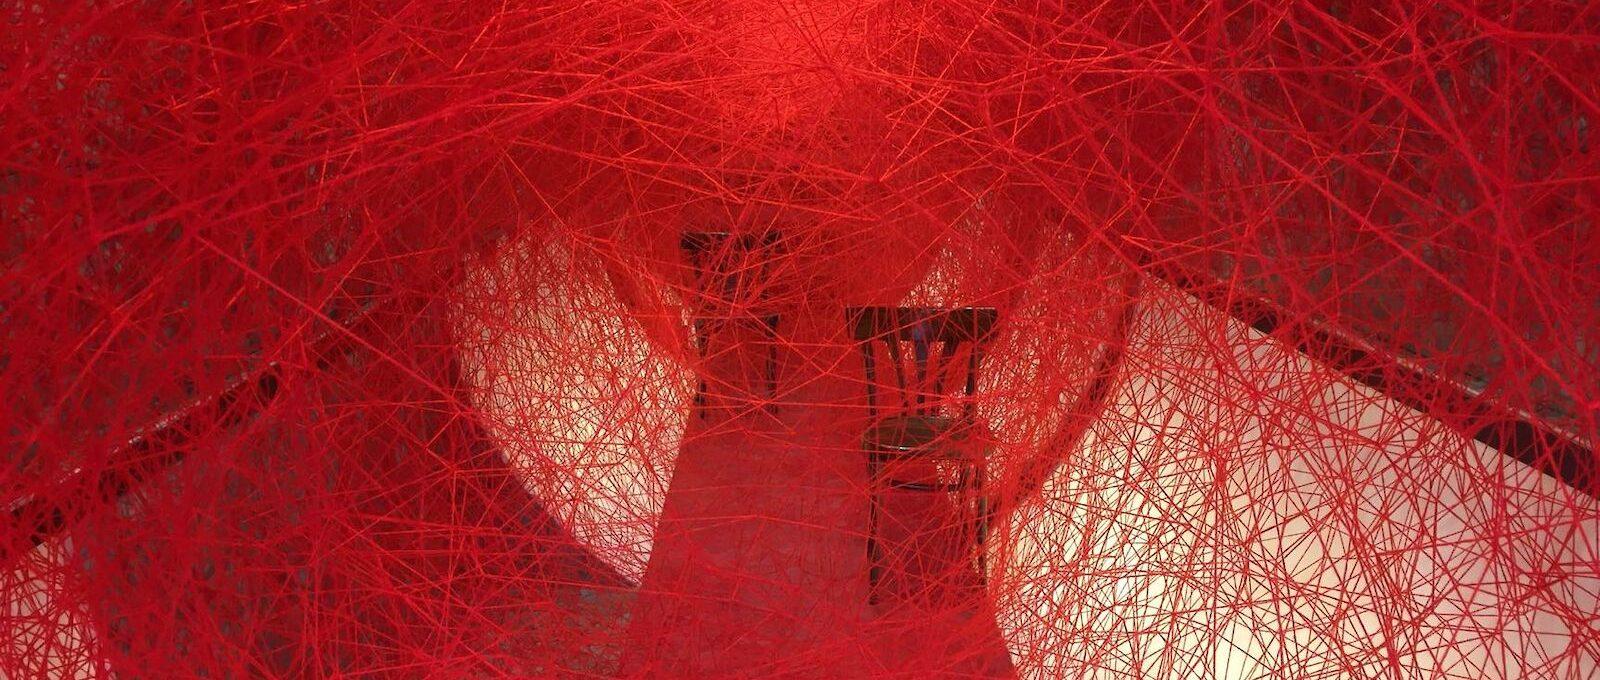 Lifelines, l'installazione di Chiharu Shiota è un omaggio alla libertà